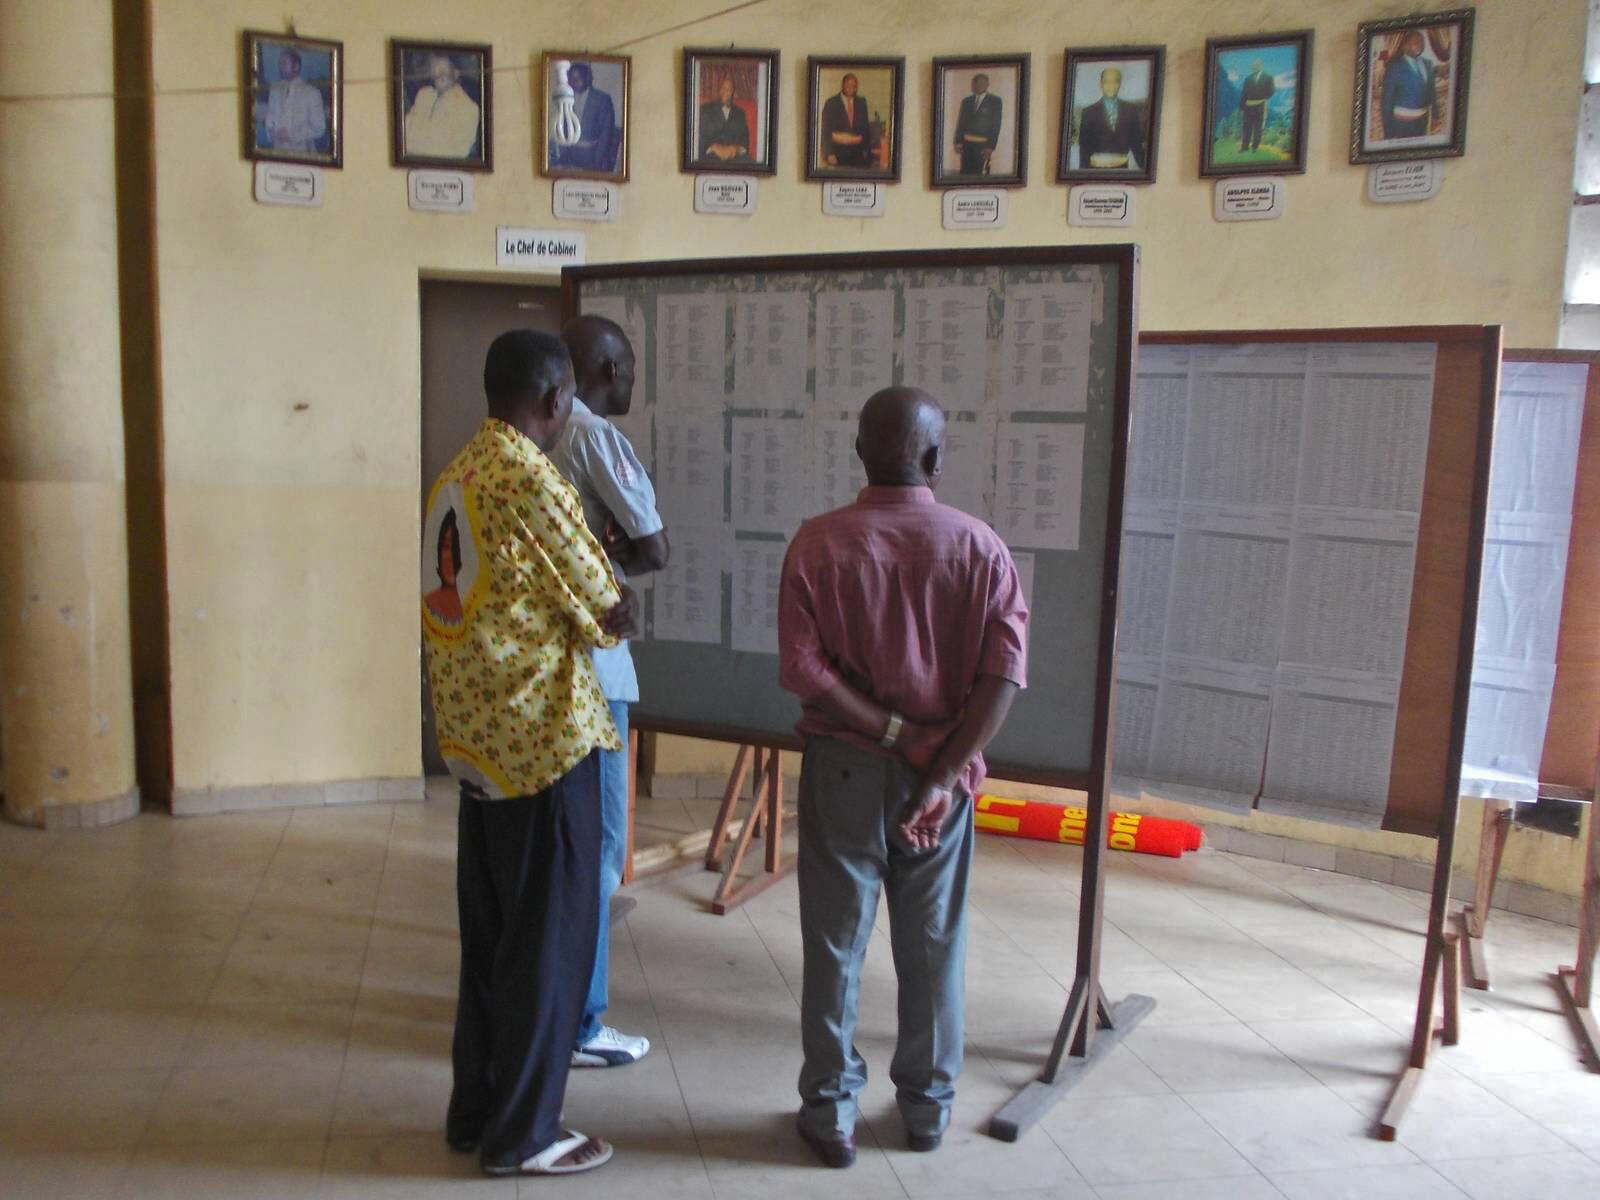 Des électeurs devant des listes électorales, au Congo-Brazzaville, 2016. (Image d'illustration)